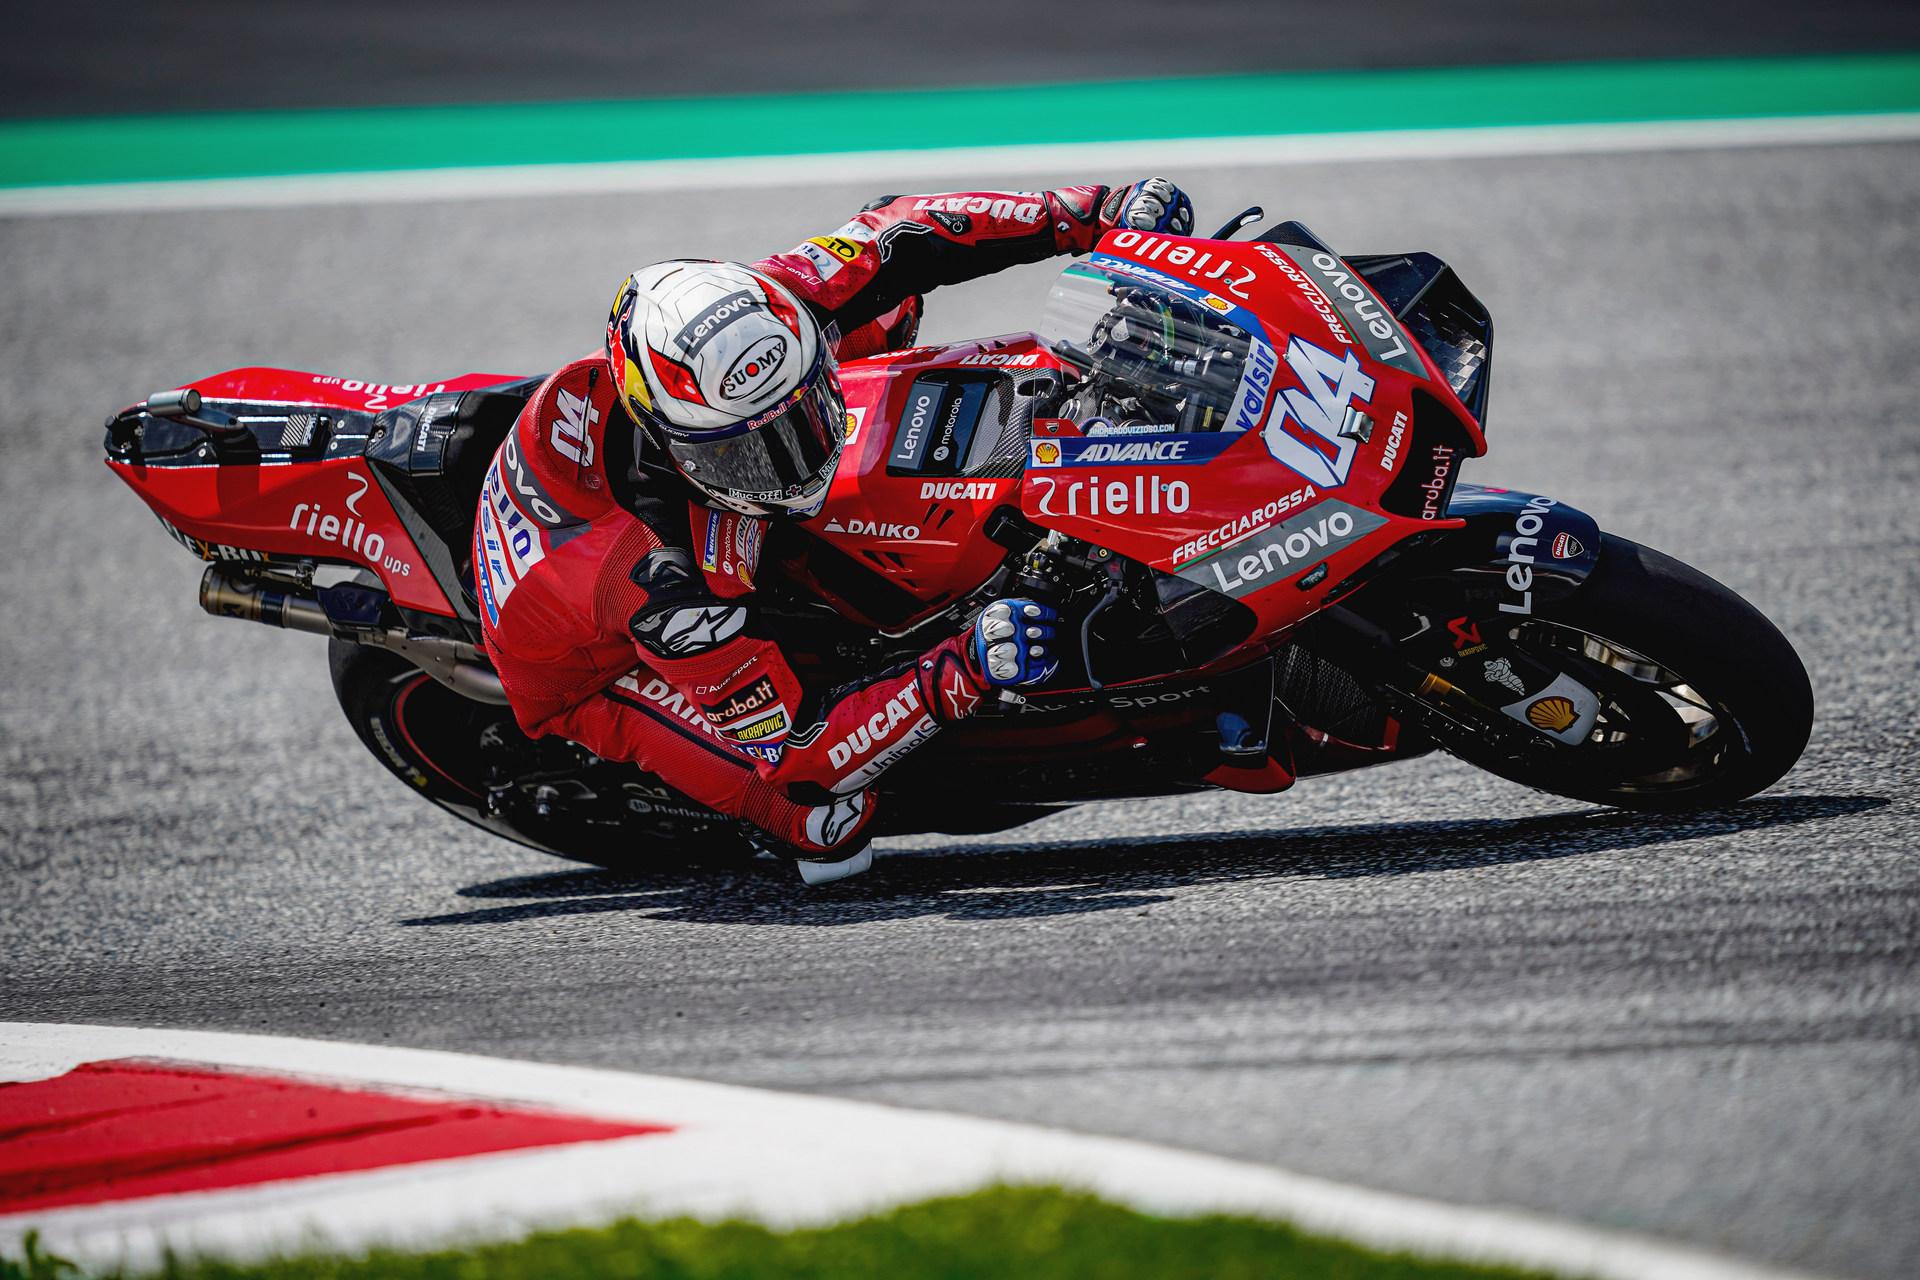 Ducati - MotoGP - Andrea Dovizioso